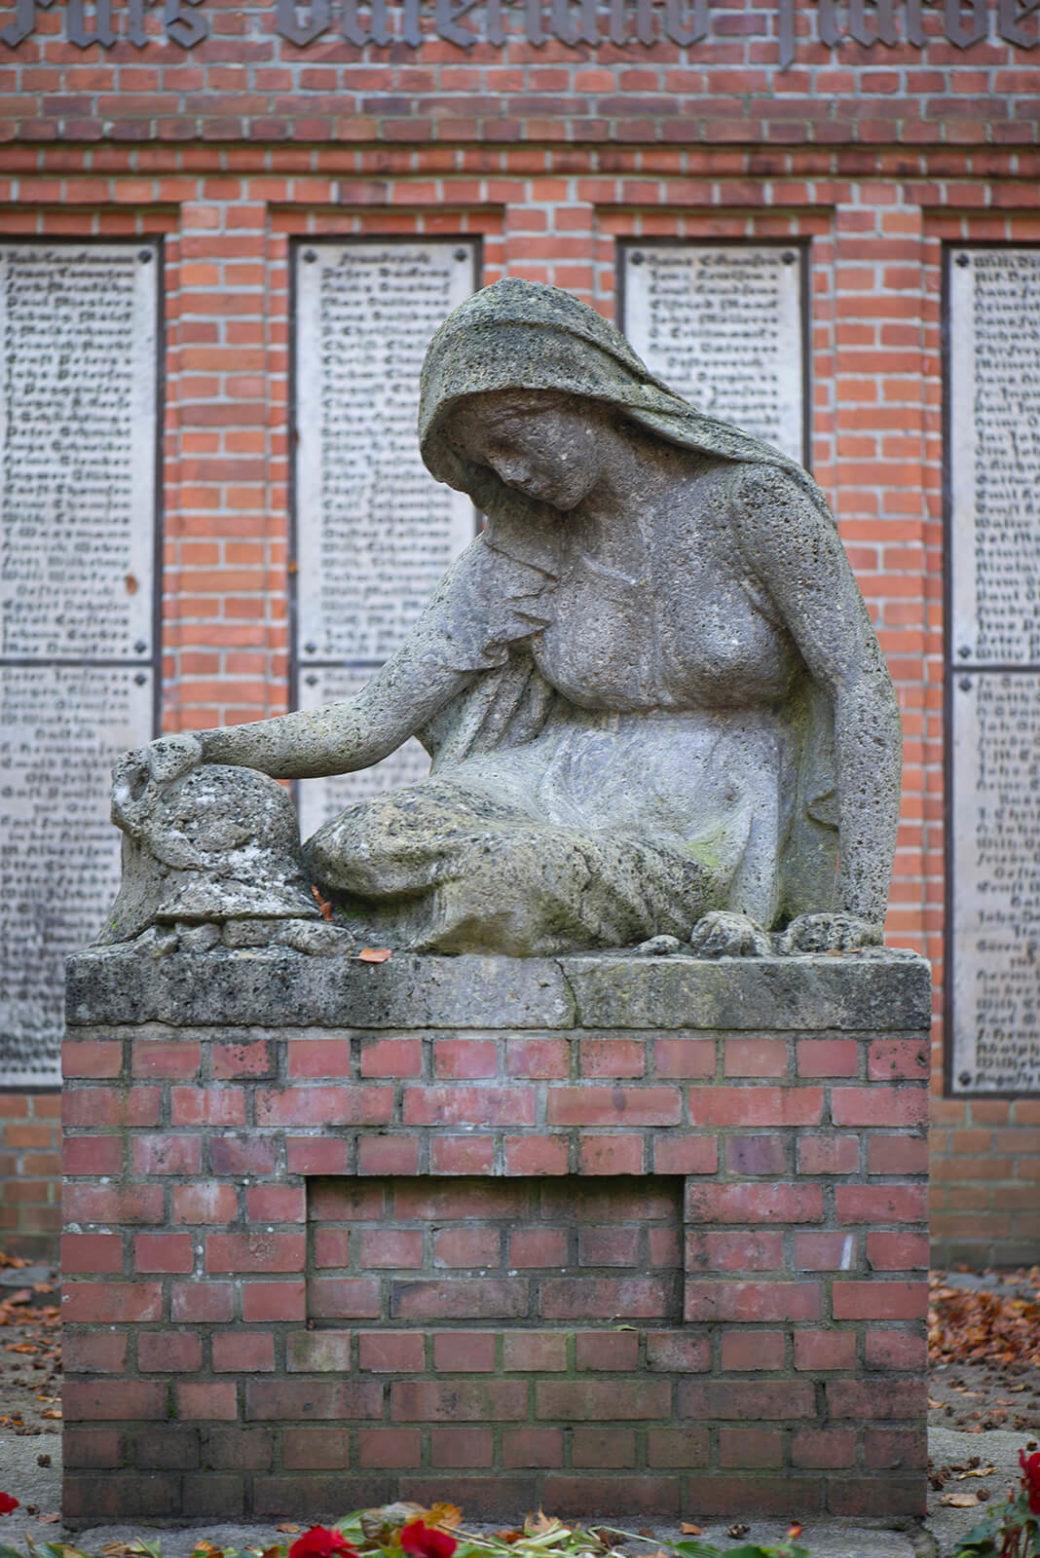 Heinrich Mißfeldt: Mahnmal für die Opfer des Ersten Weltkriegs (Foto: KUNST@SH/Jan Petersen, 2019)